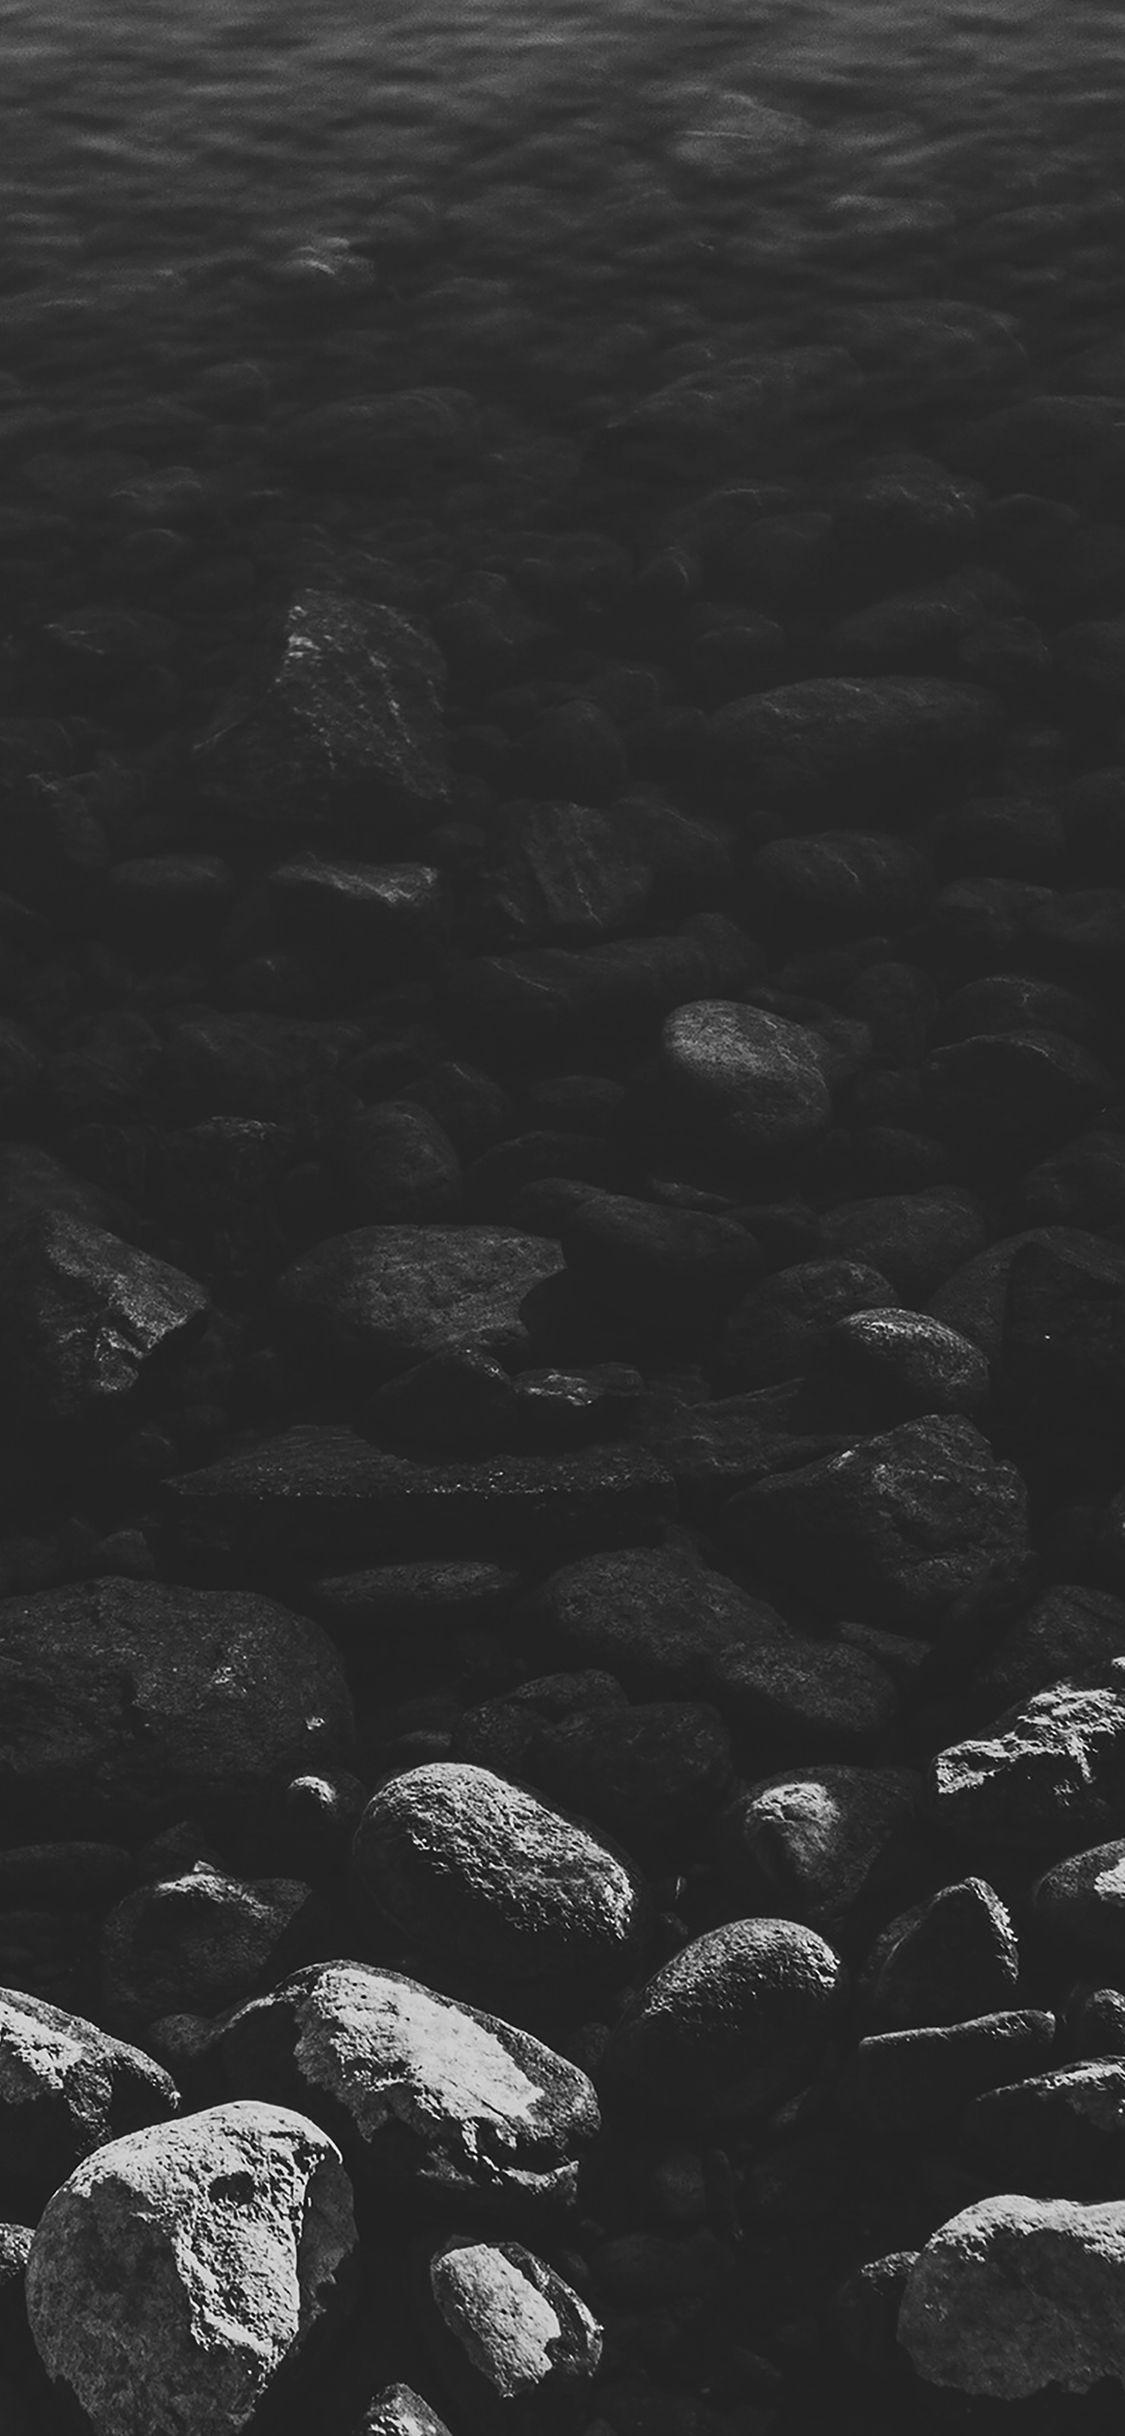 Iphonex Wallpaper Mm96 Stone Dark Bw Lake Nature Water Nature